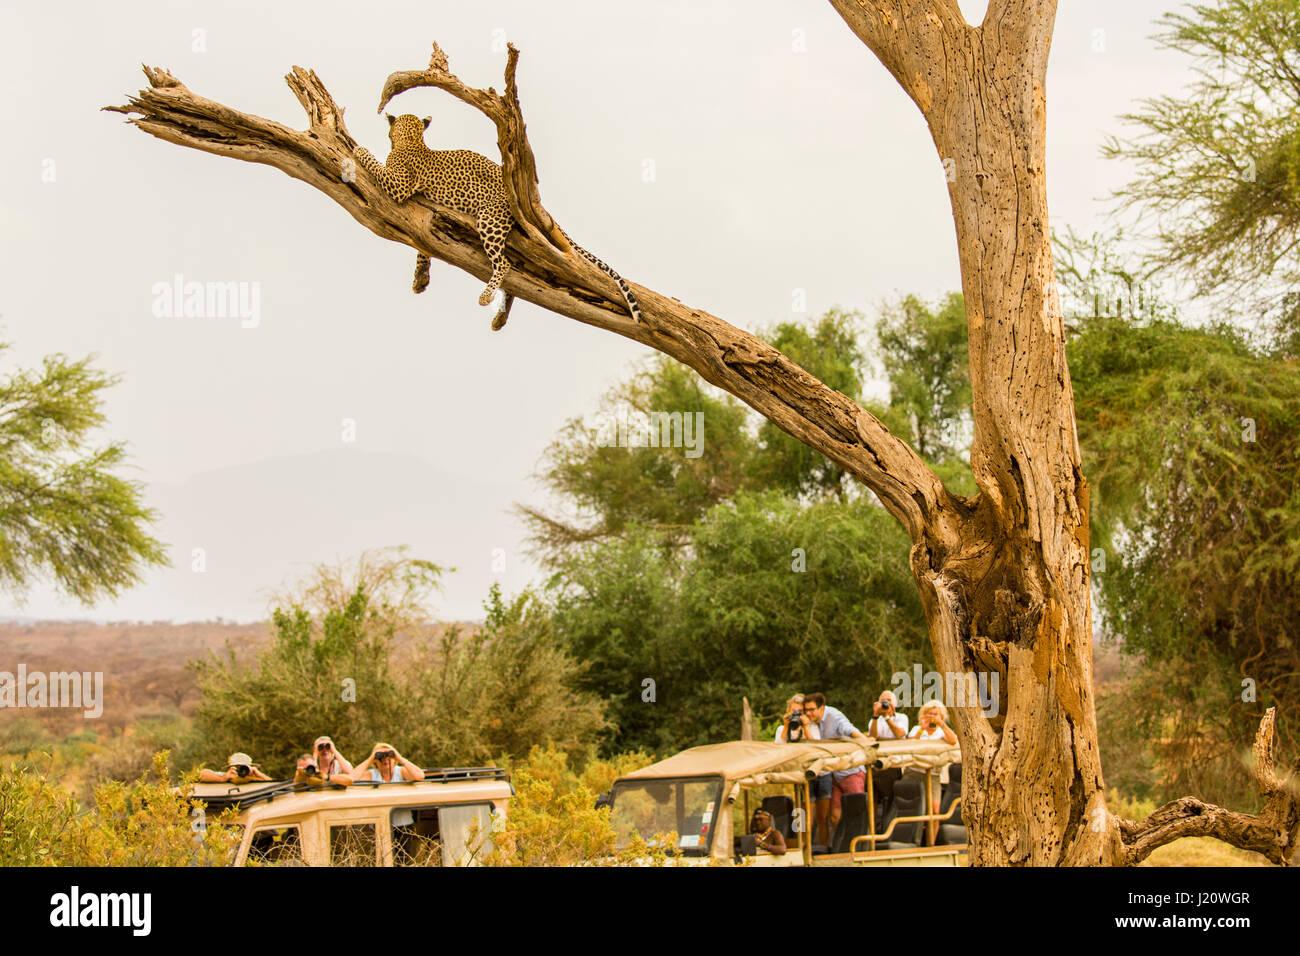 Los turistas en vehículos de safari viendo un leopardo africano, Panthera pardus, arriba de un árbol en el Buffalo Springs reservas de caza, Kenia, África Oriental Foto de stock